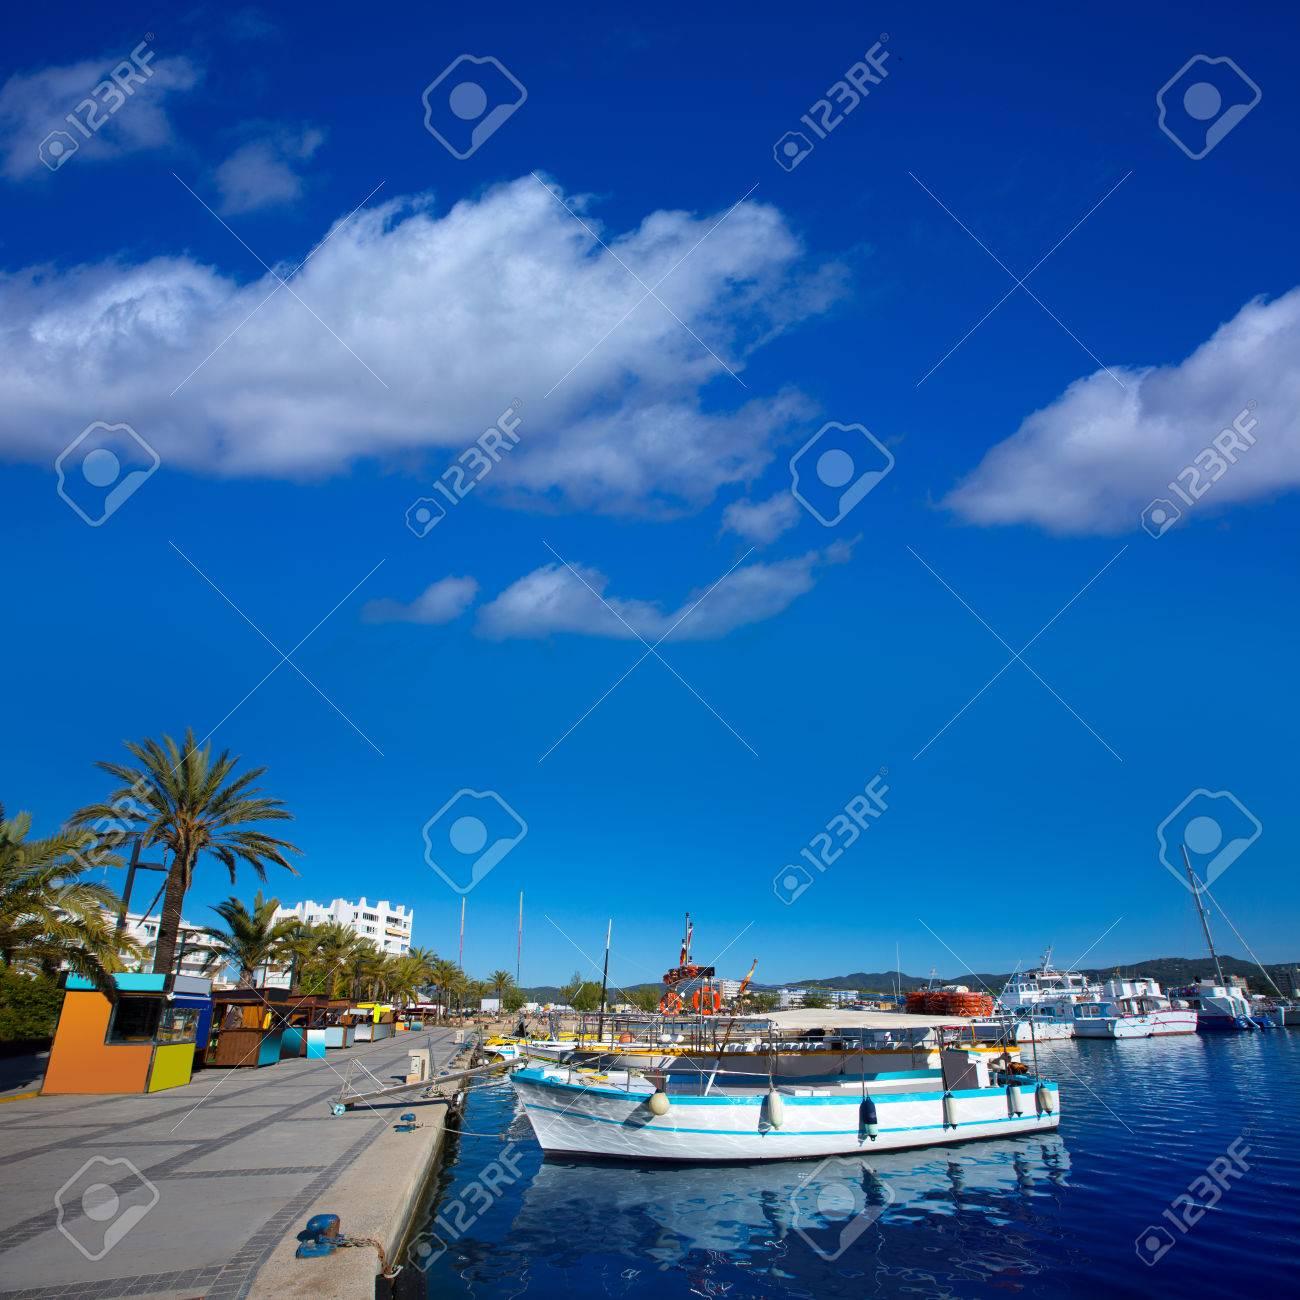 Ibiza San Antonio Abad De Portmany Puerto Deportivo De Las Islas Baleares De España Fotos Retratos Imágenes Y Fotografía De Archivo Libres De Derecho Image 22717663